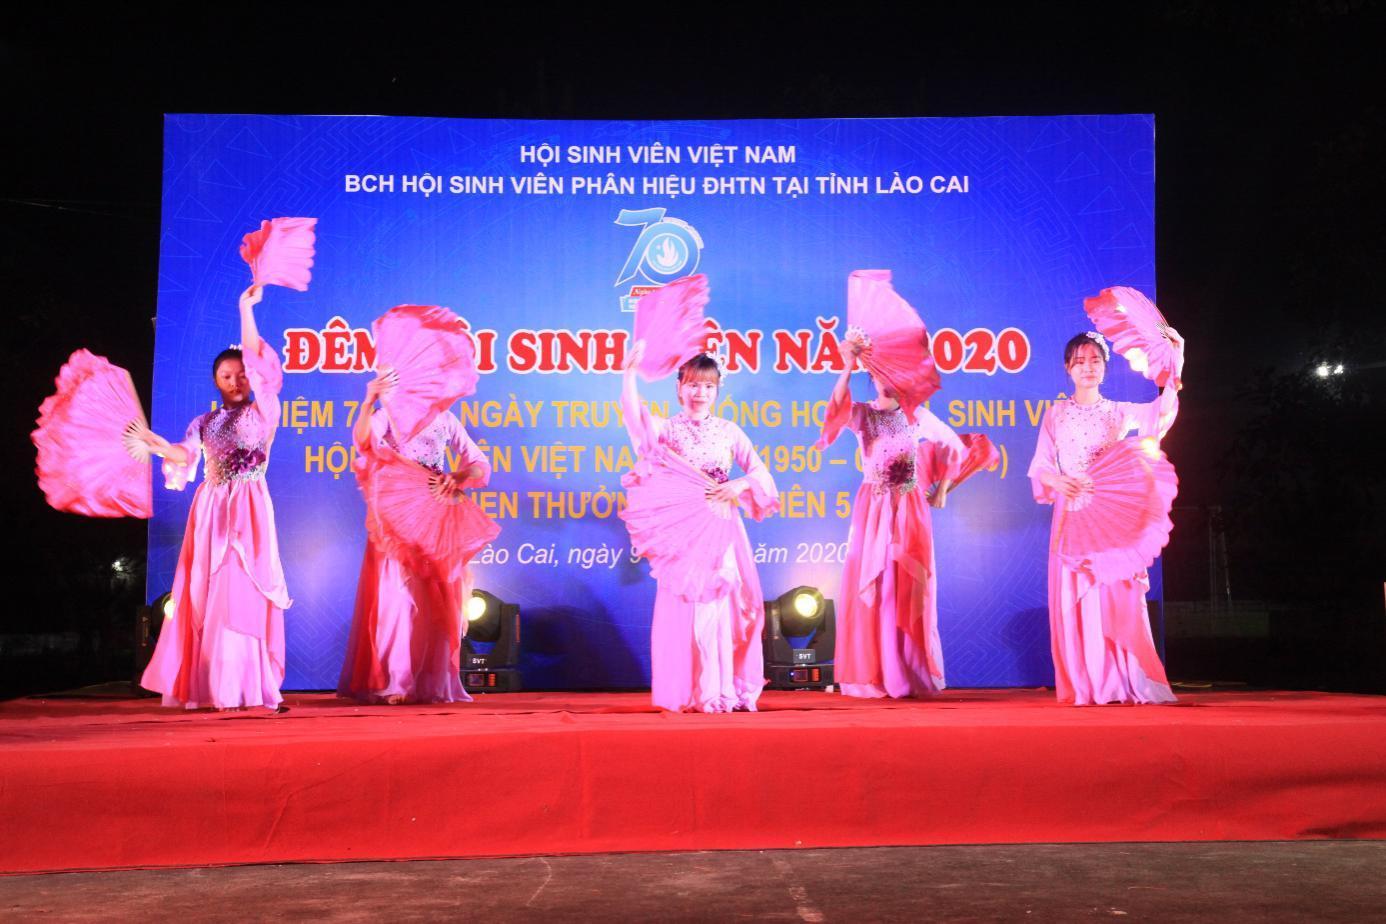 """Thắp sáng ngọn lửa """"Đêm hội sinh viên"""" Phân hiệu Đại học Thái Nguyên tại tỉnh Lào Cai"""